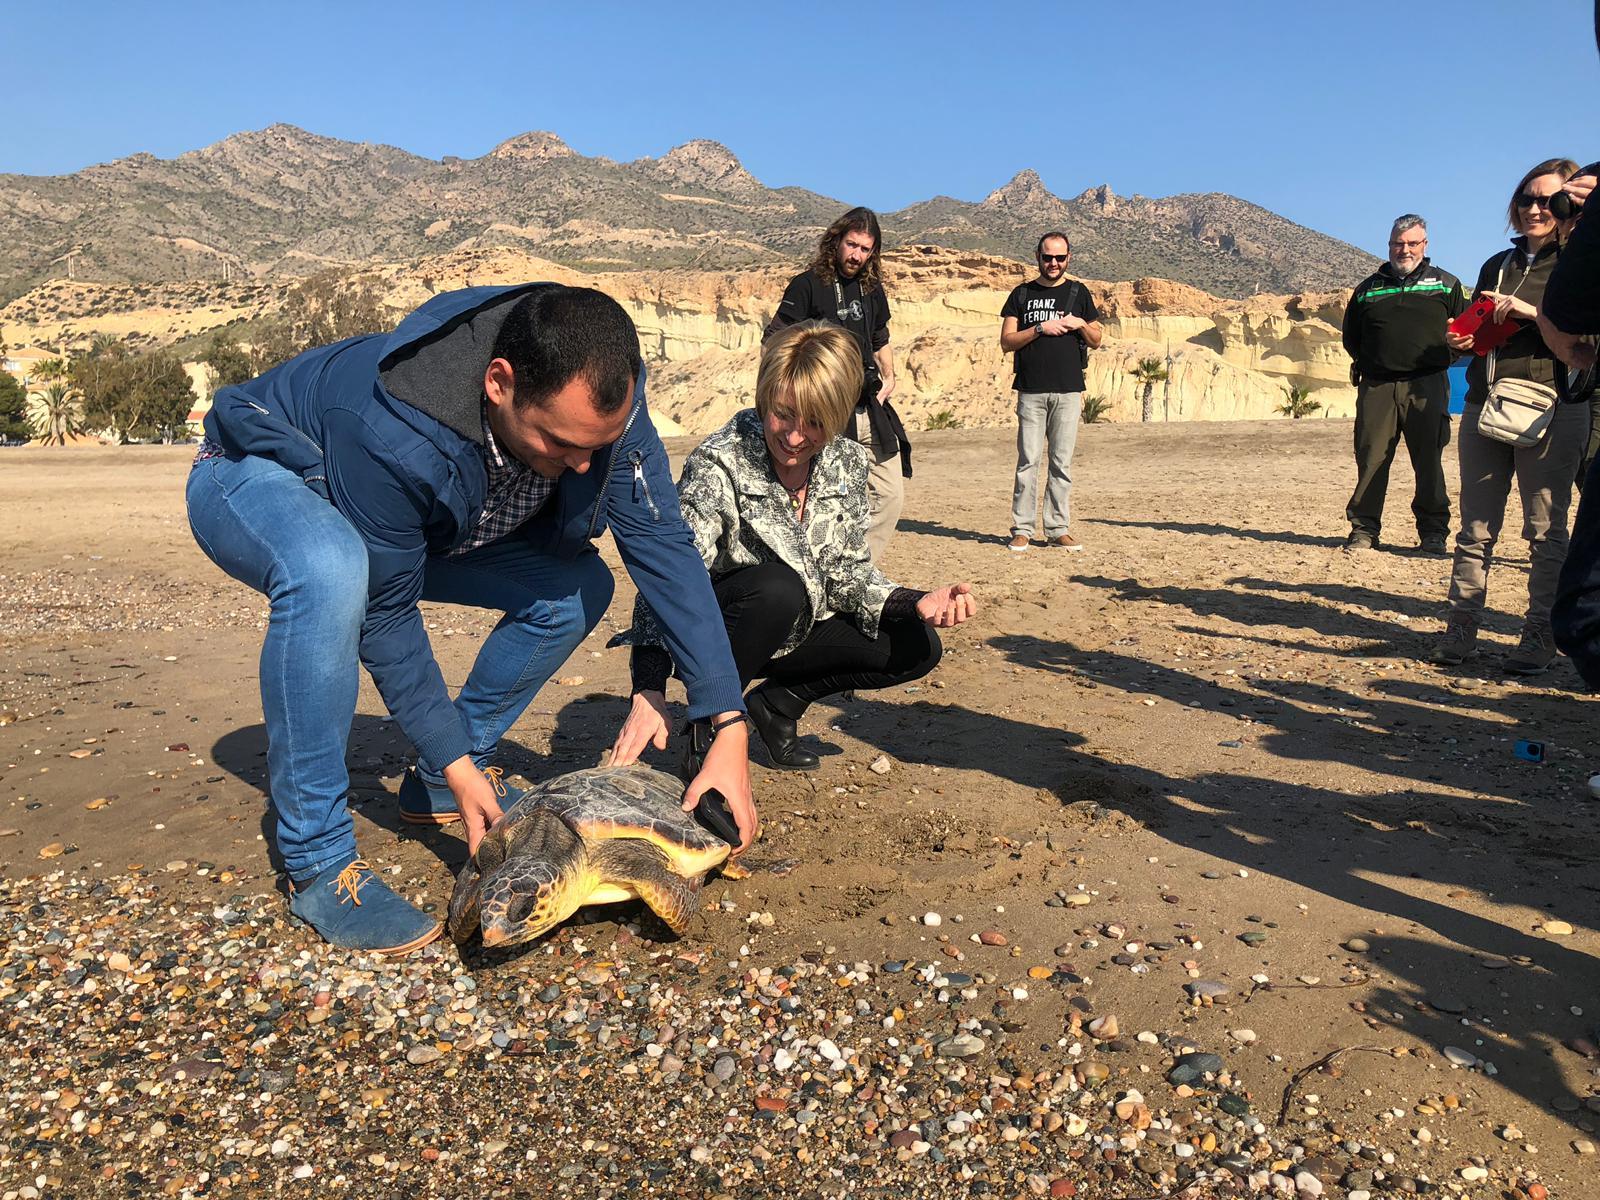 Imagen de la liberación de una tortuga boba tratada en el Centro de Recuperación de Fauna Silvestre de El Valle. Imagen: CARM